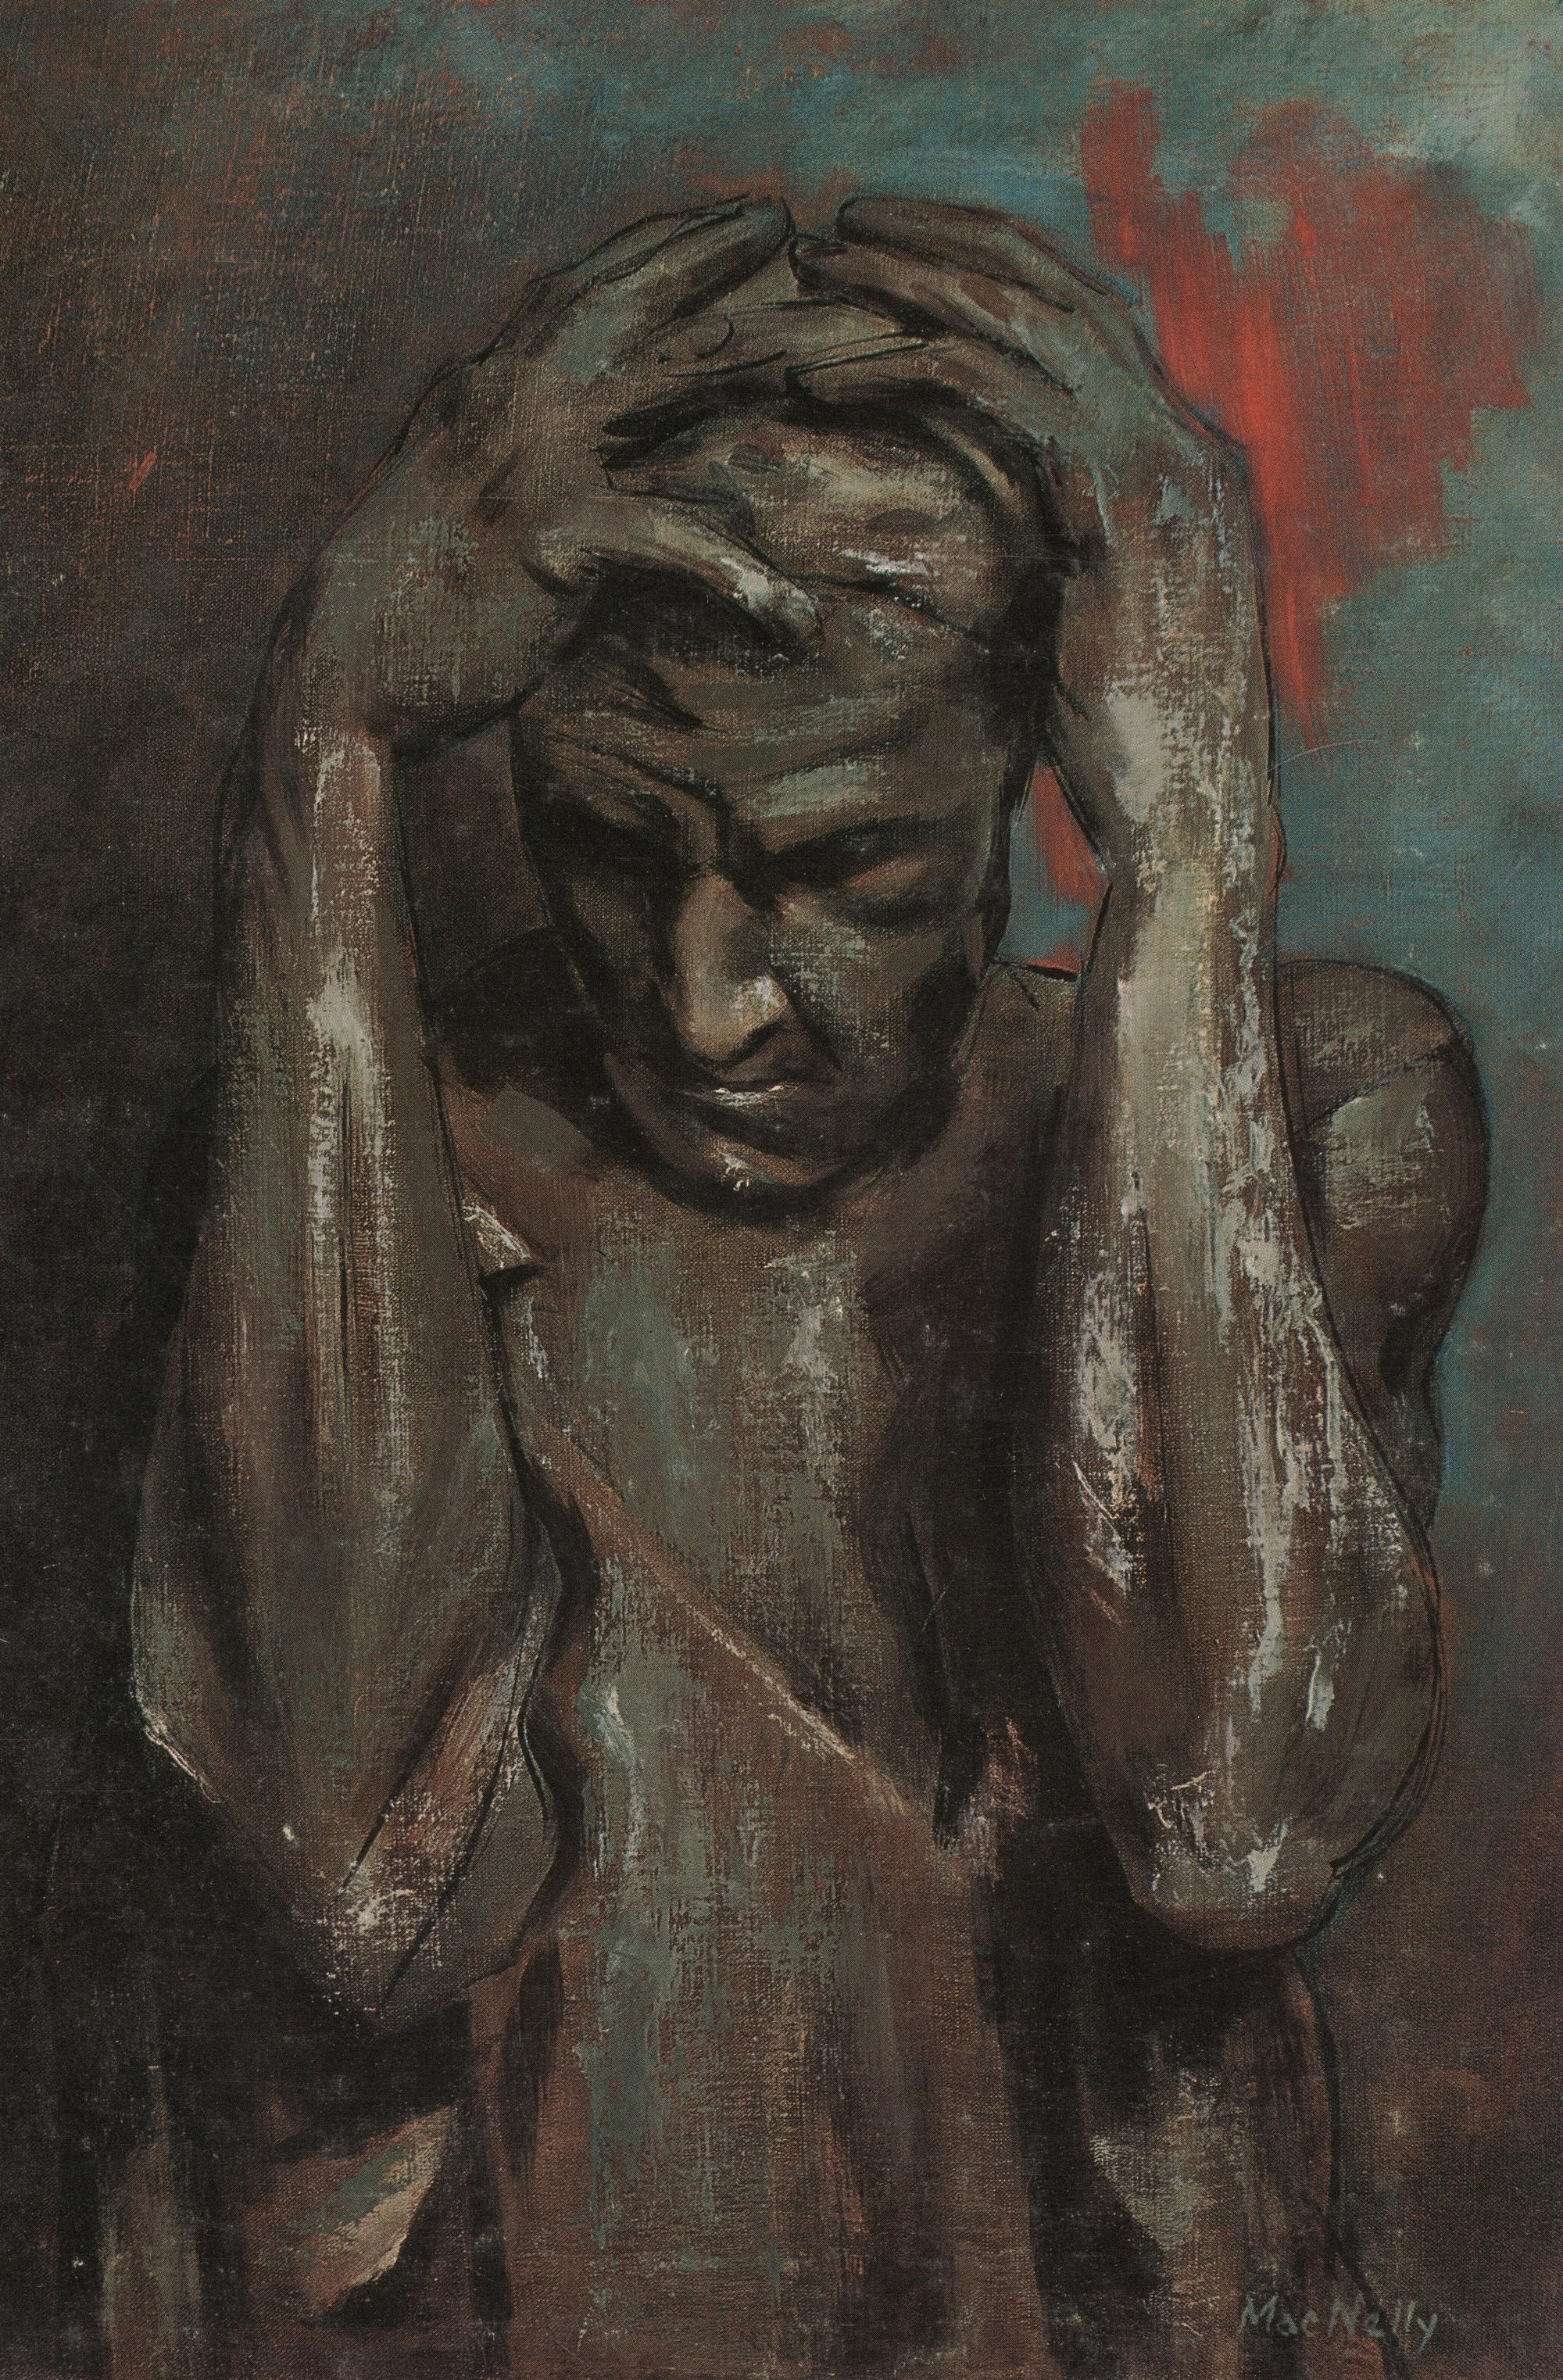 Peinture de C.L.MacNelly d'après les Bourgeois de Calais de Rodin